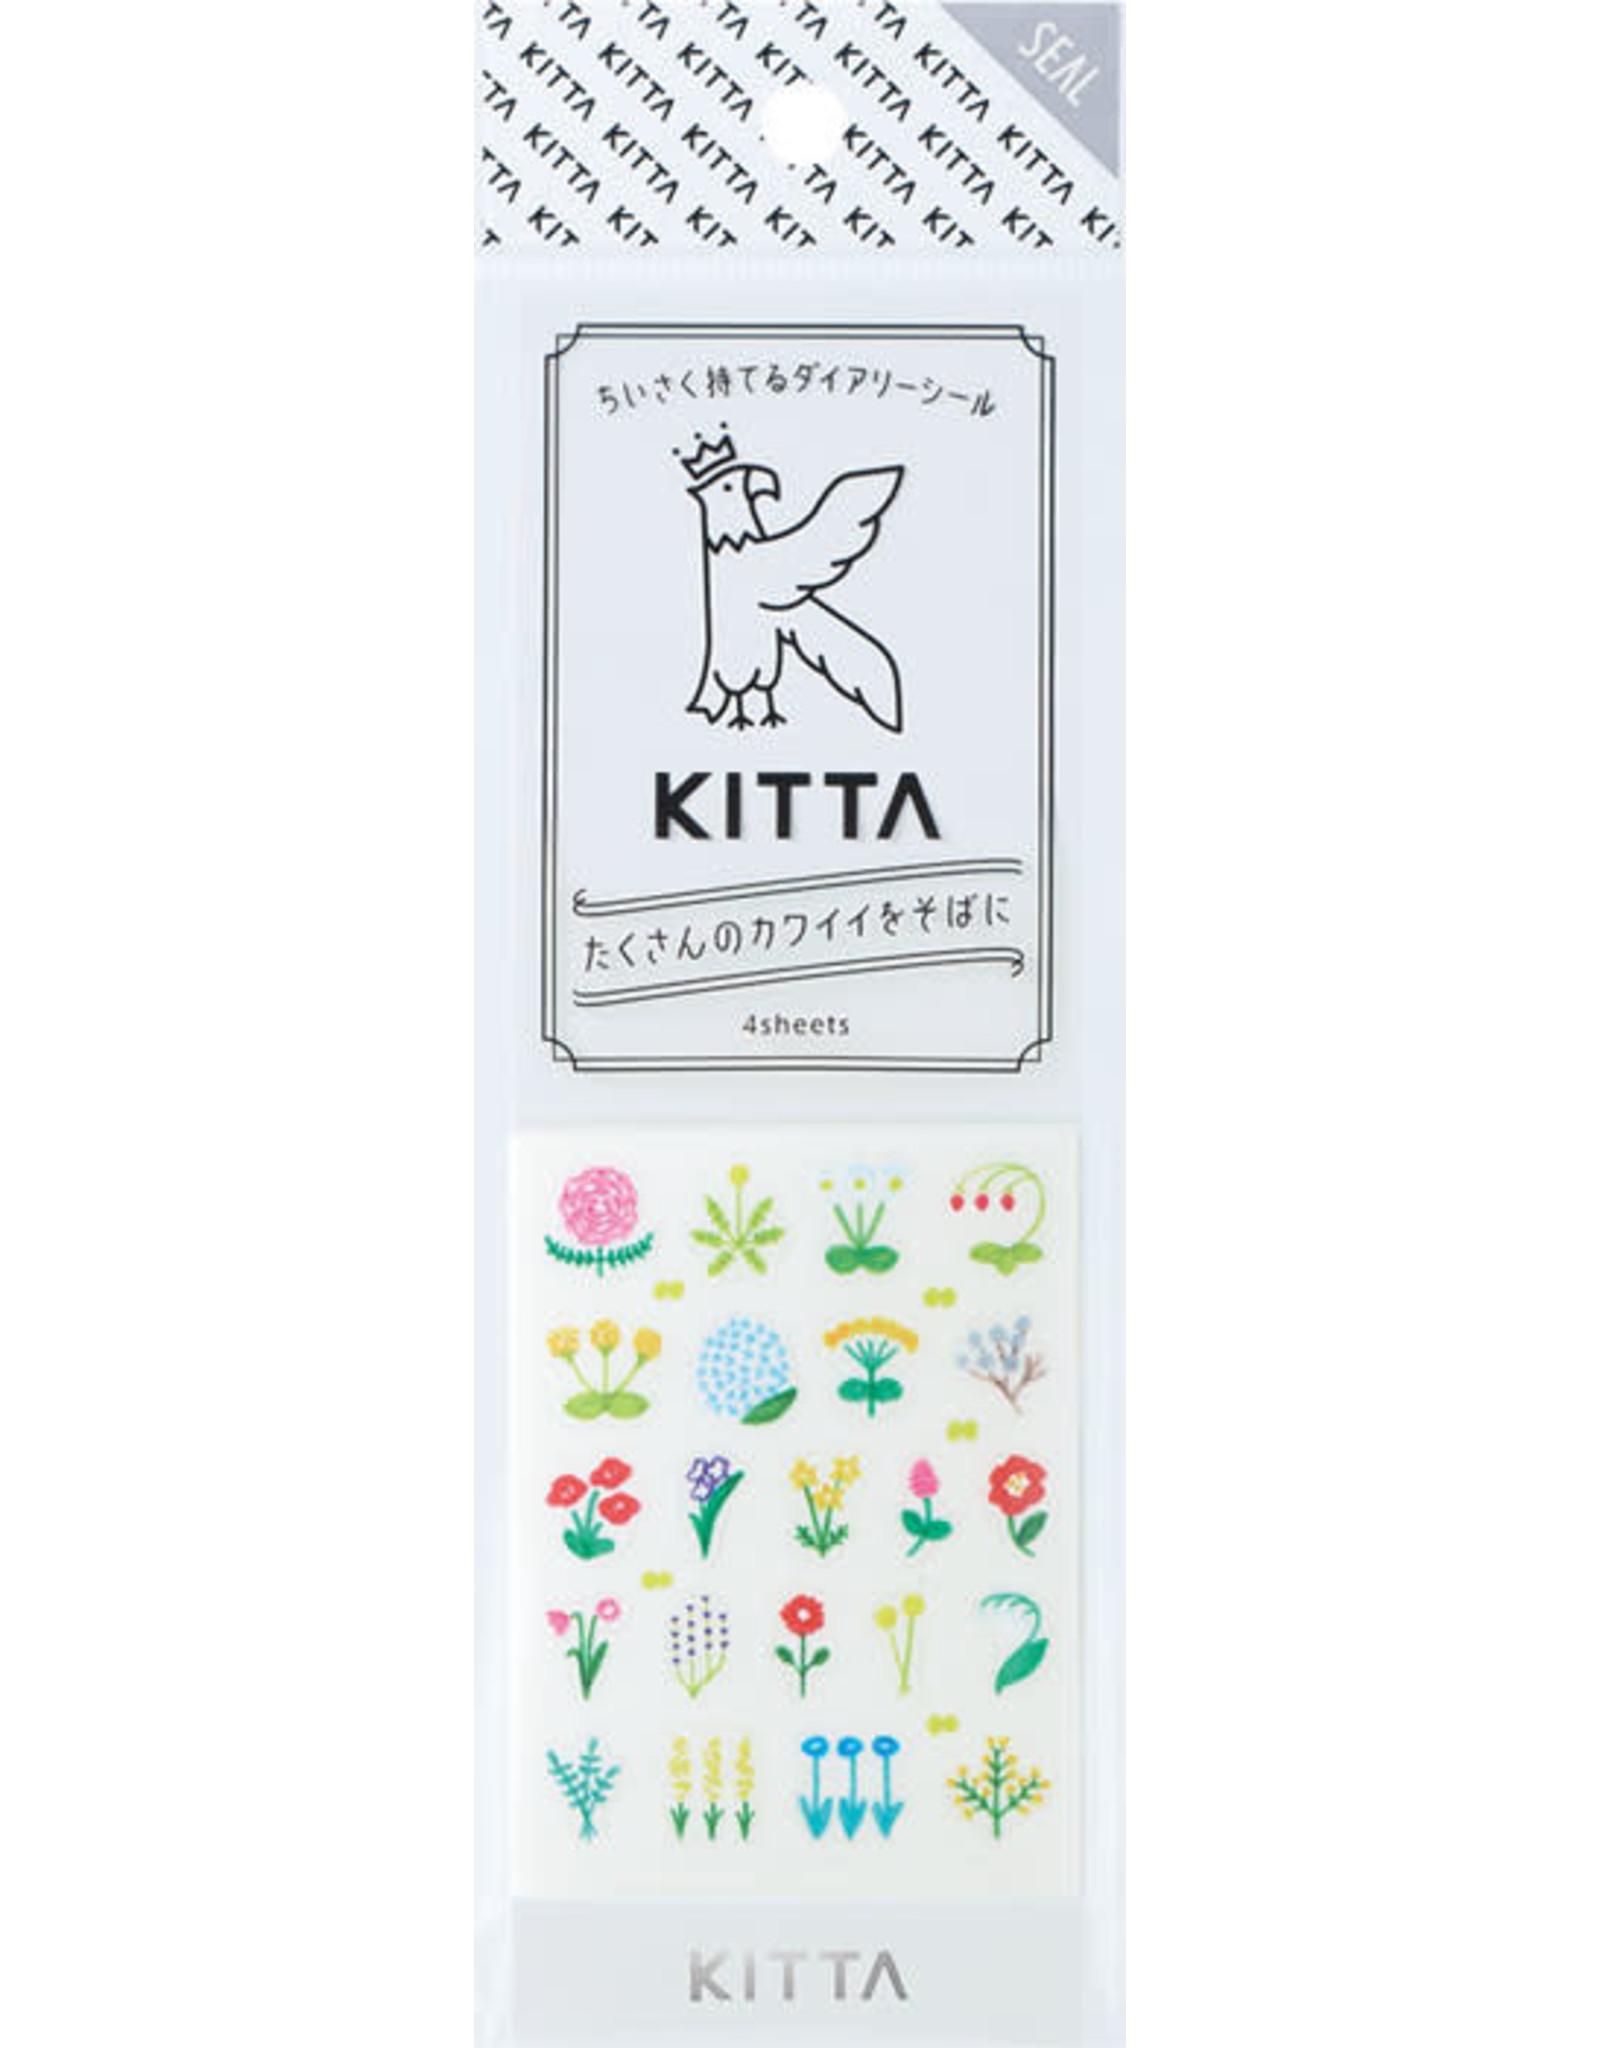 KING JIM CO., LTD. KITTA SEAL CIRCLE(FLOWER)